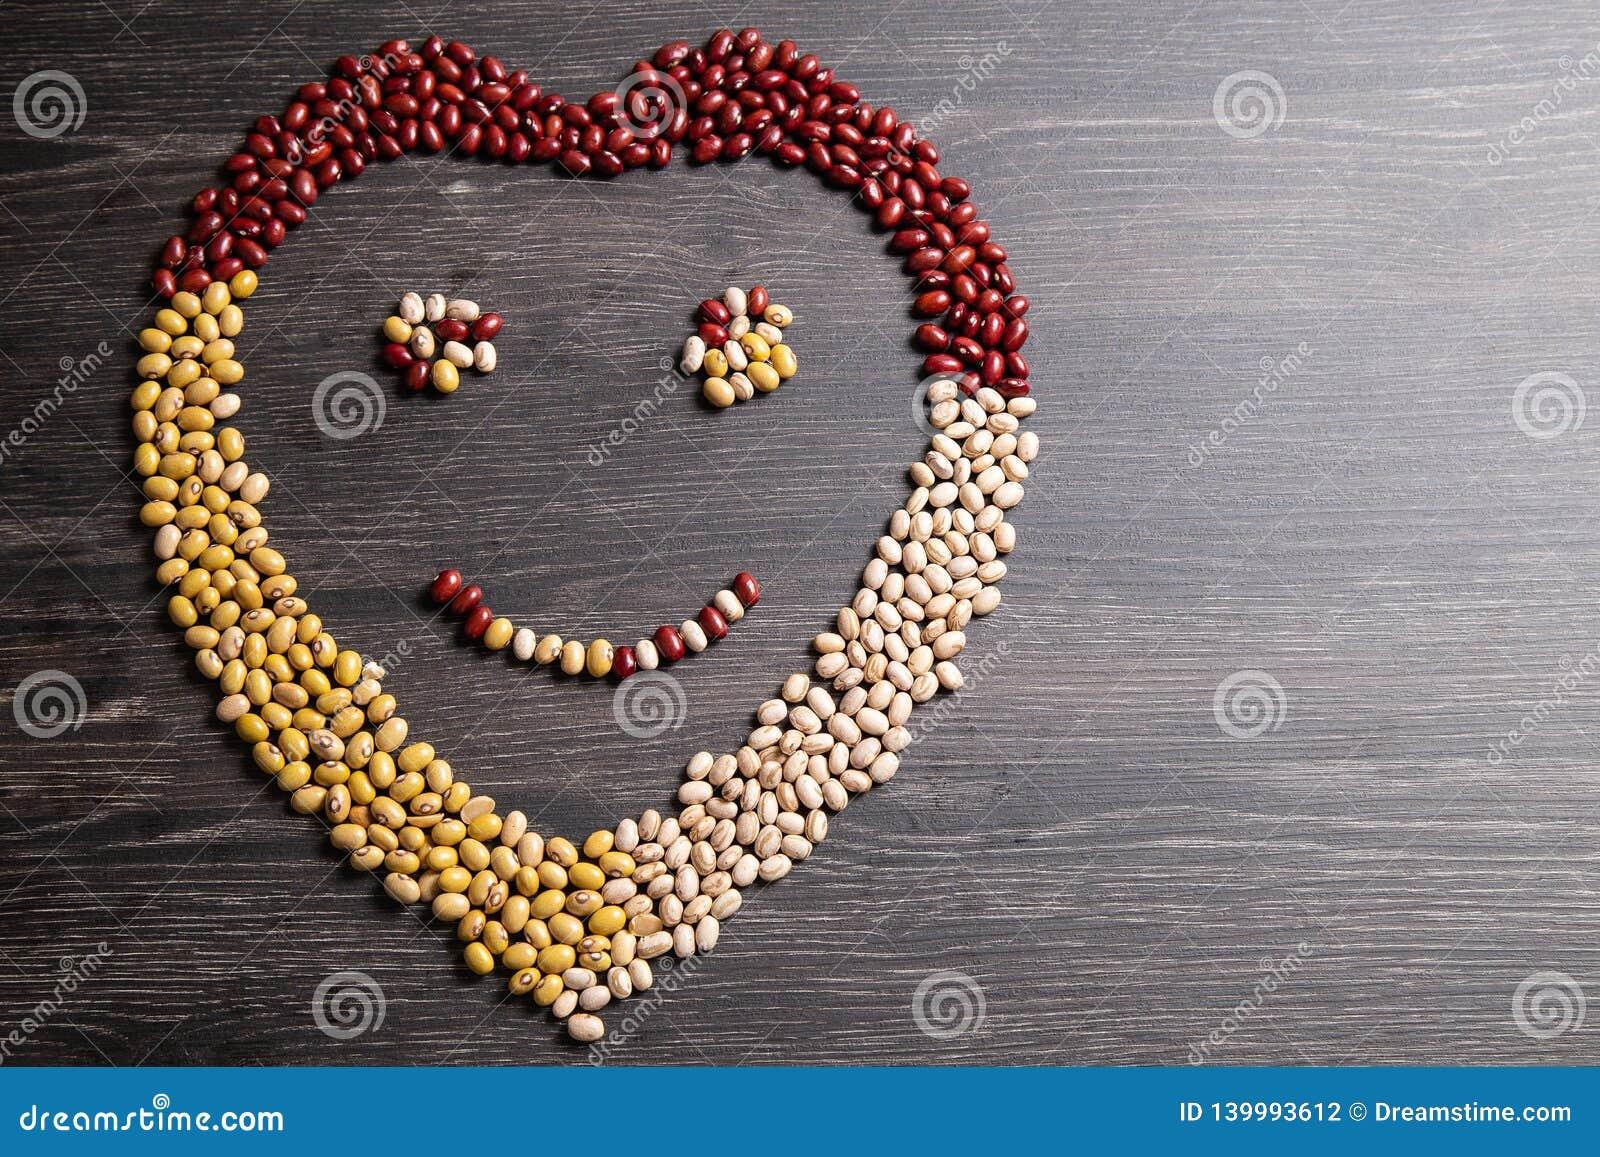 Variété de haricots sur la cuillère en bois sur le fond en bois fèves de mung, arachides, haricots rouges et haricots bruns